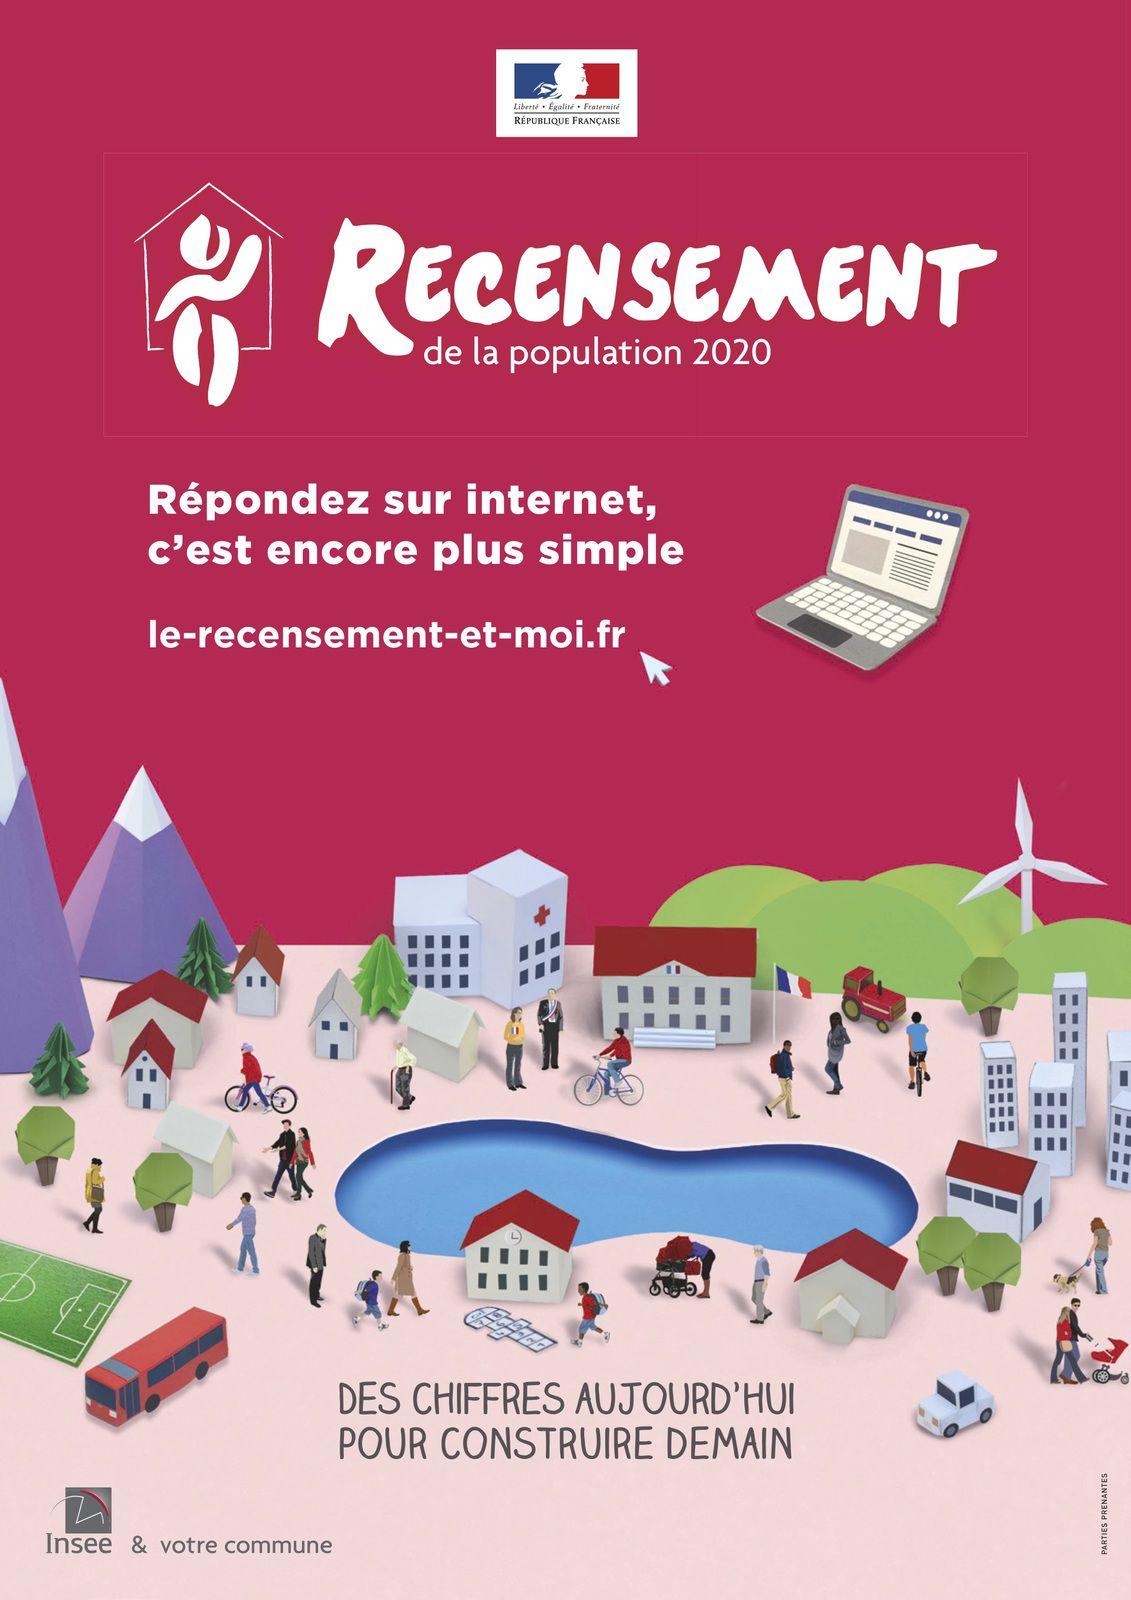 Le recensement 2020 à Aulnay-sous-Bois se déroulera jusqu'au 22 février